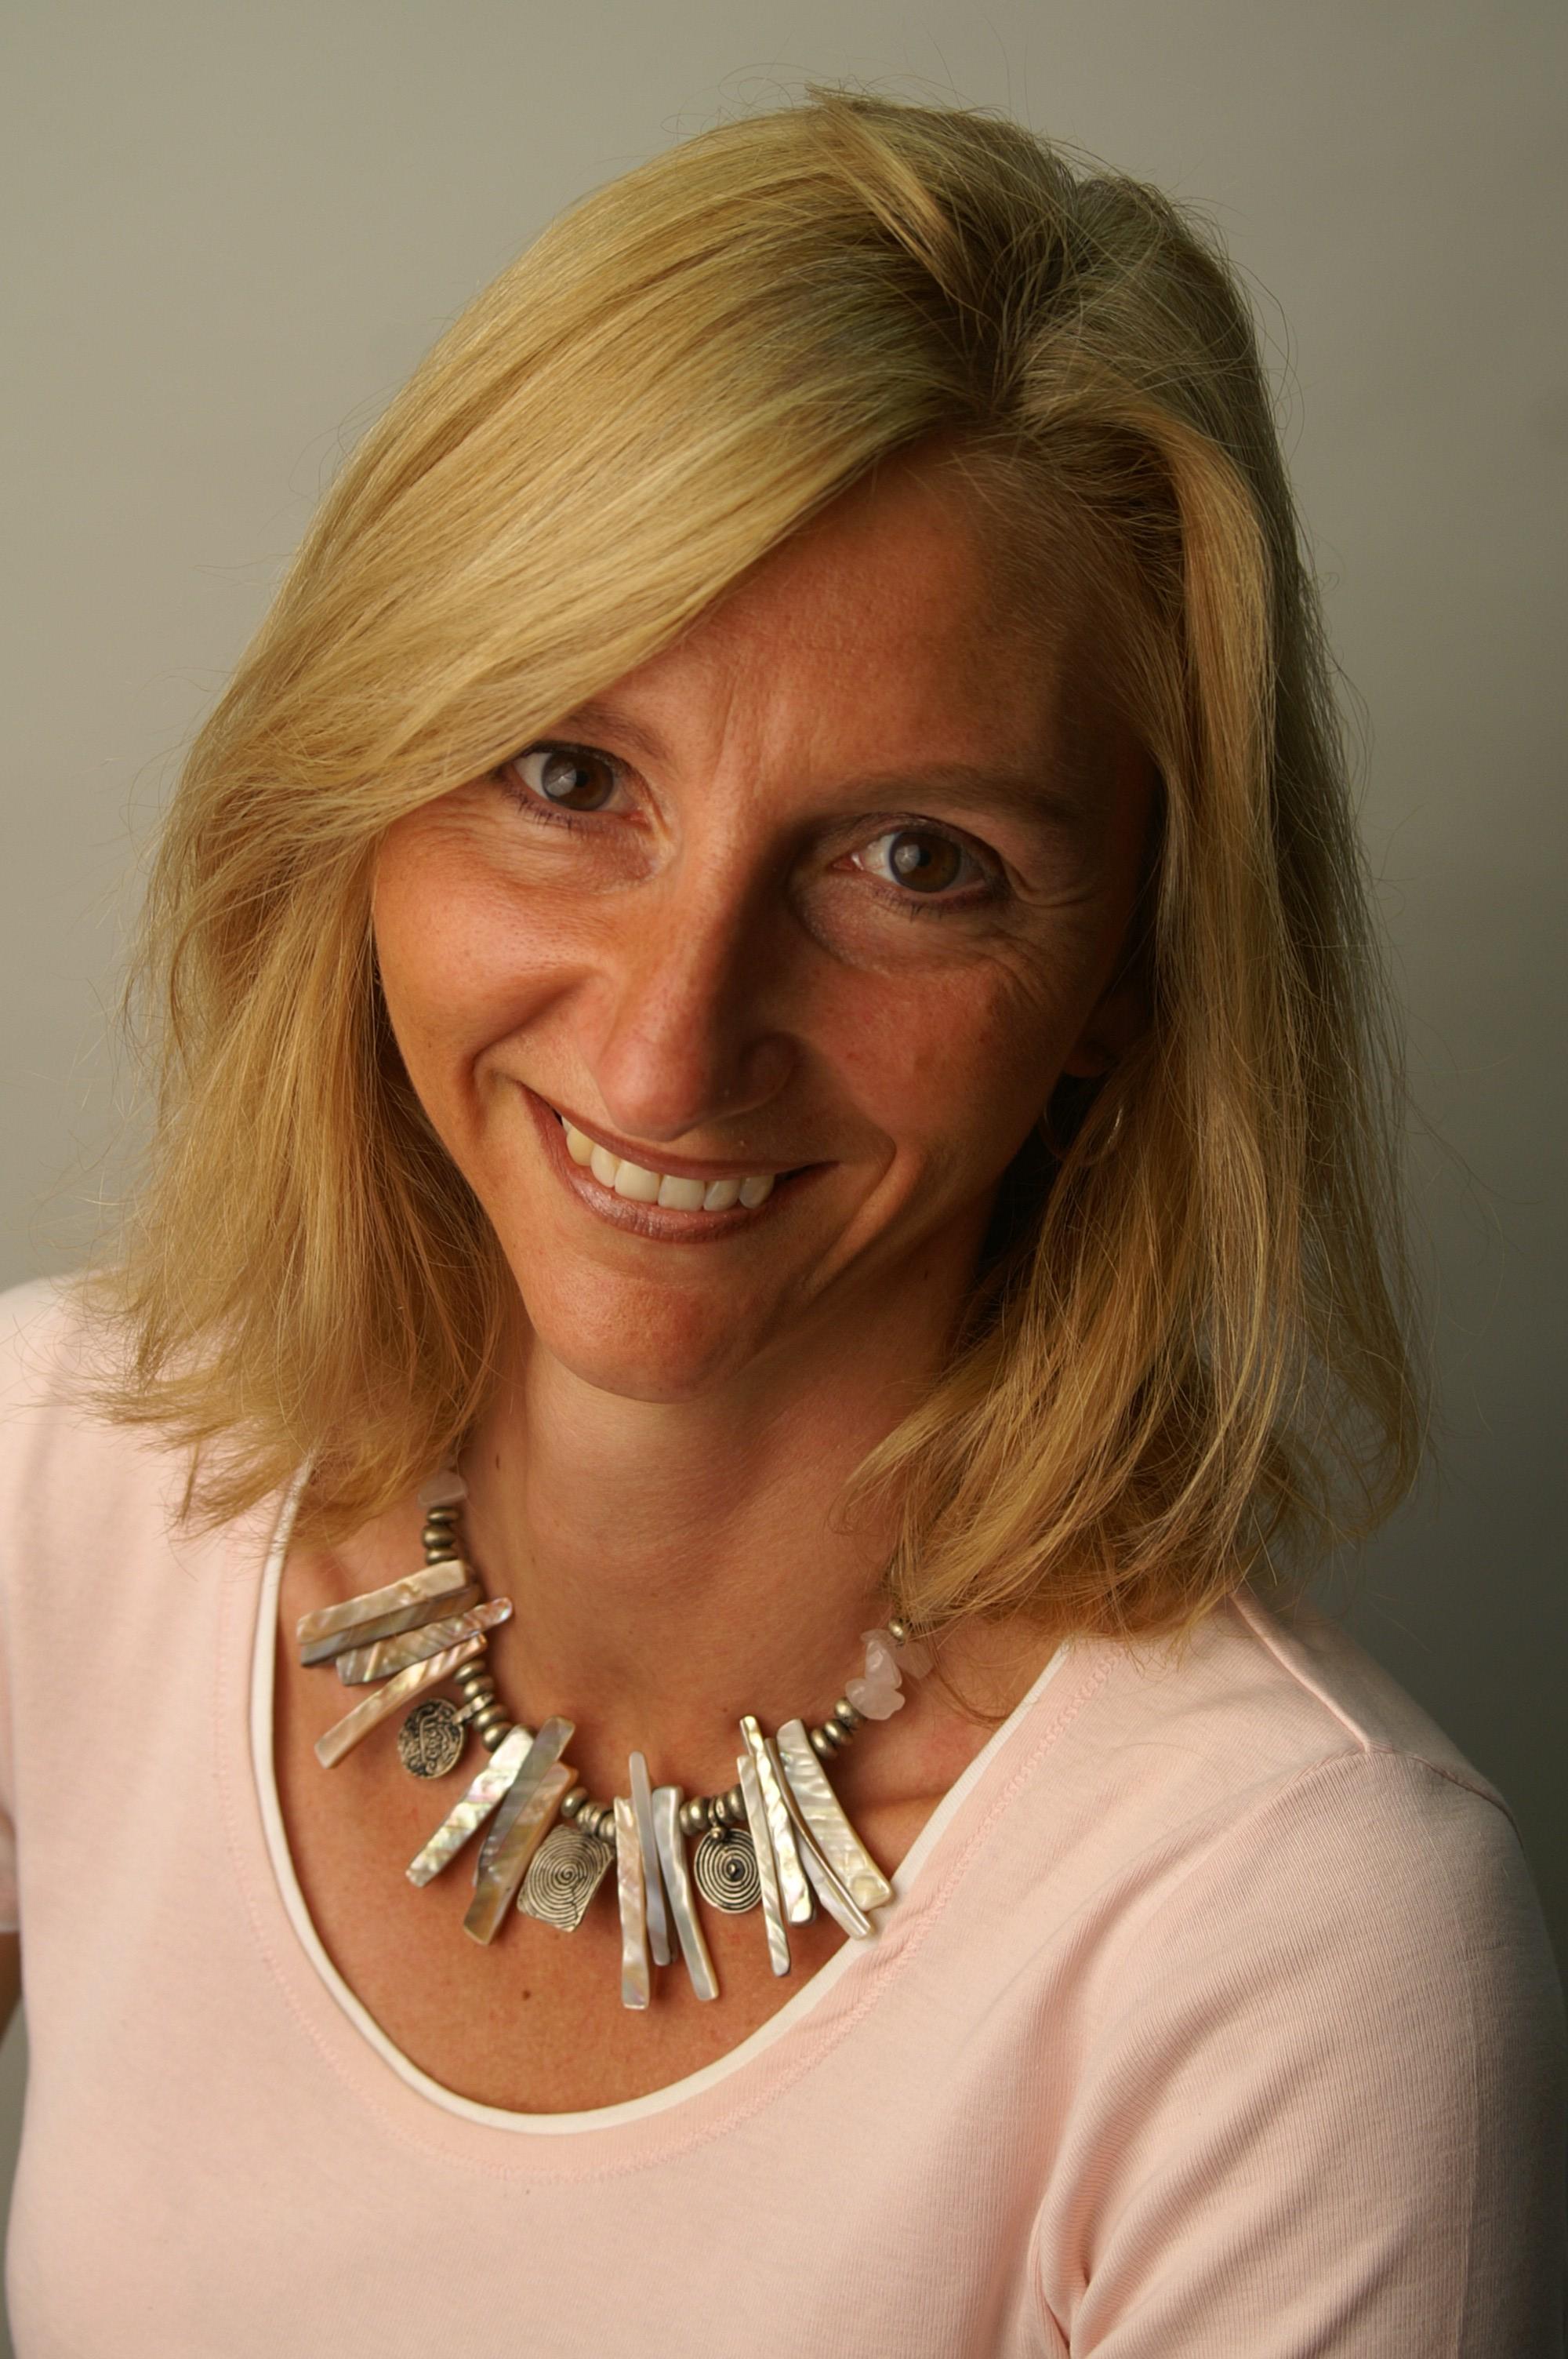 Portrait Monika von Gunten